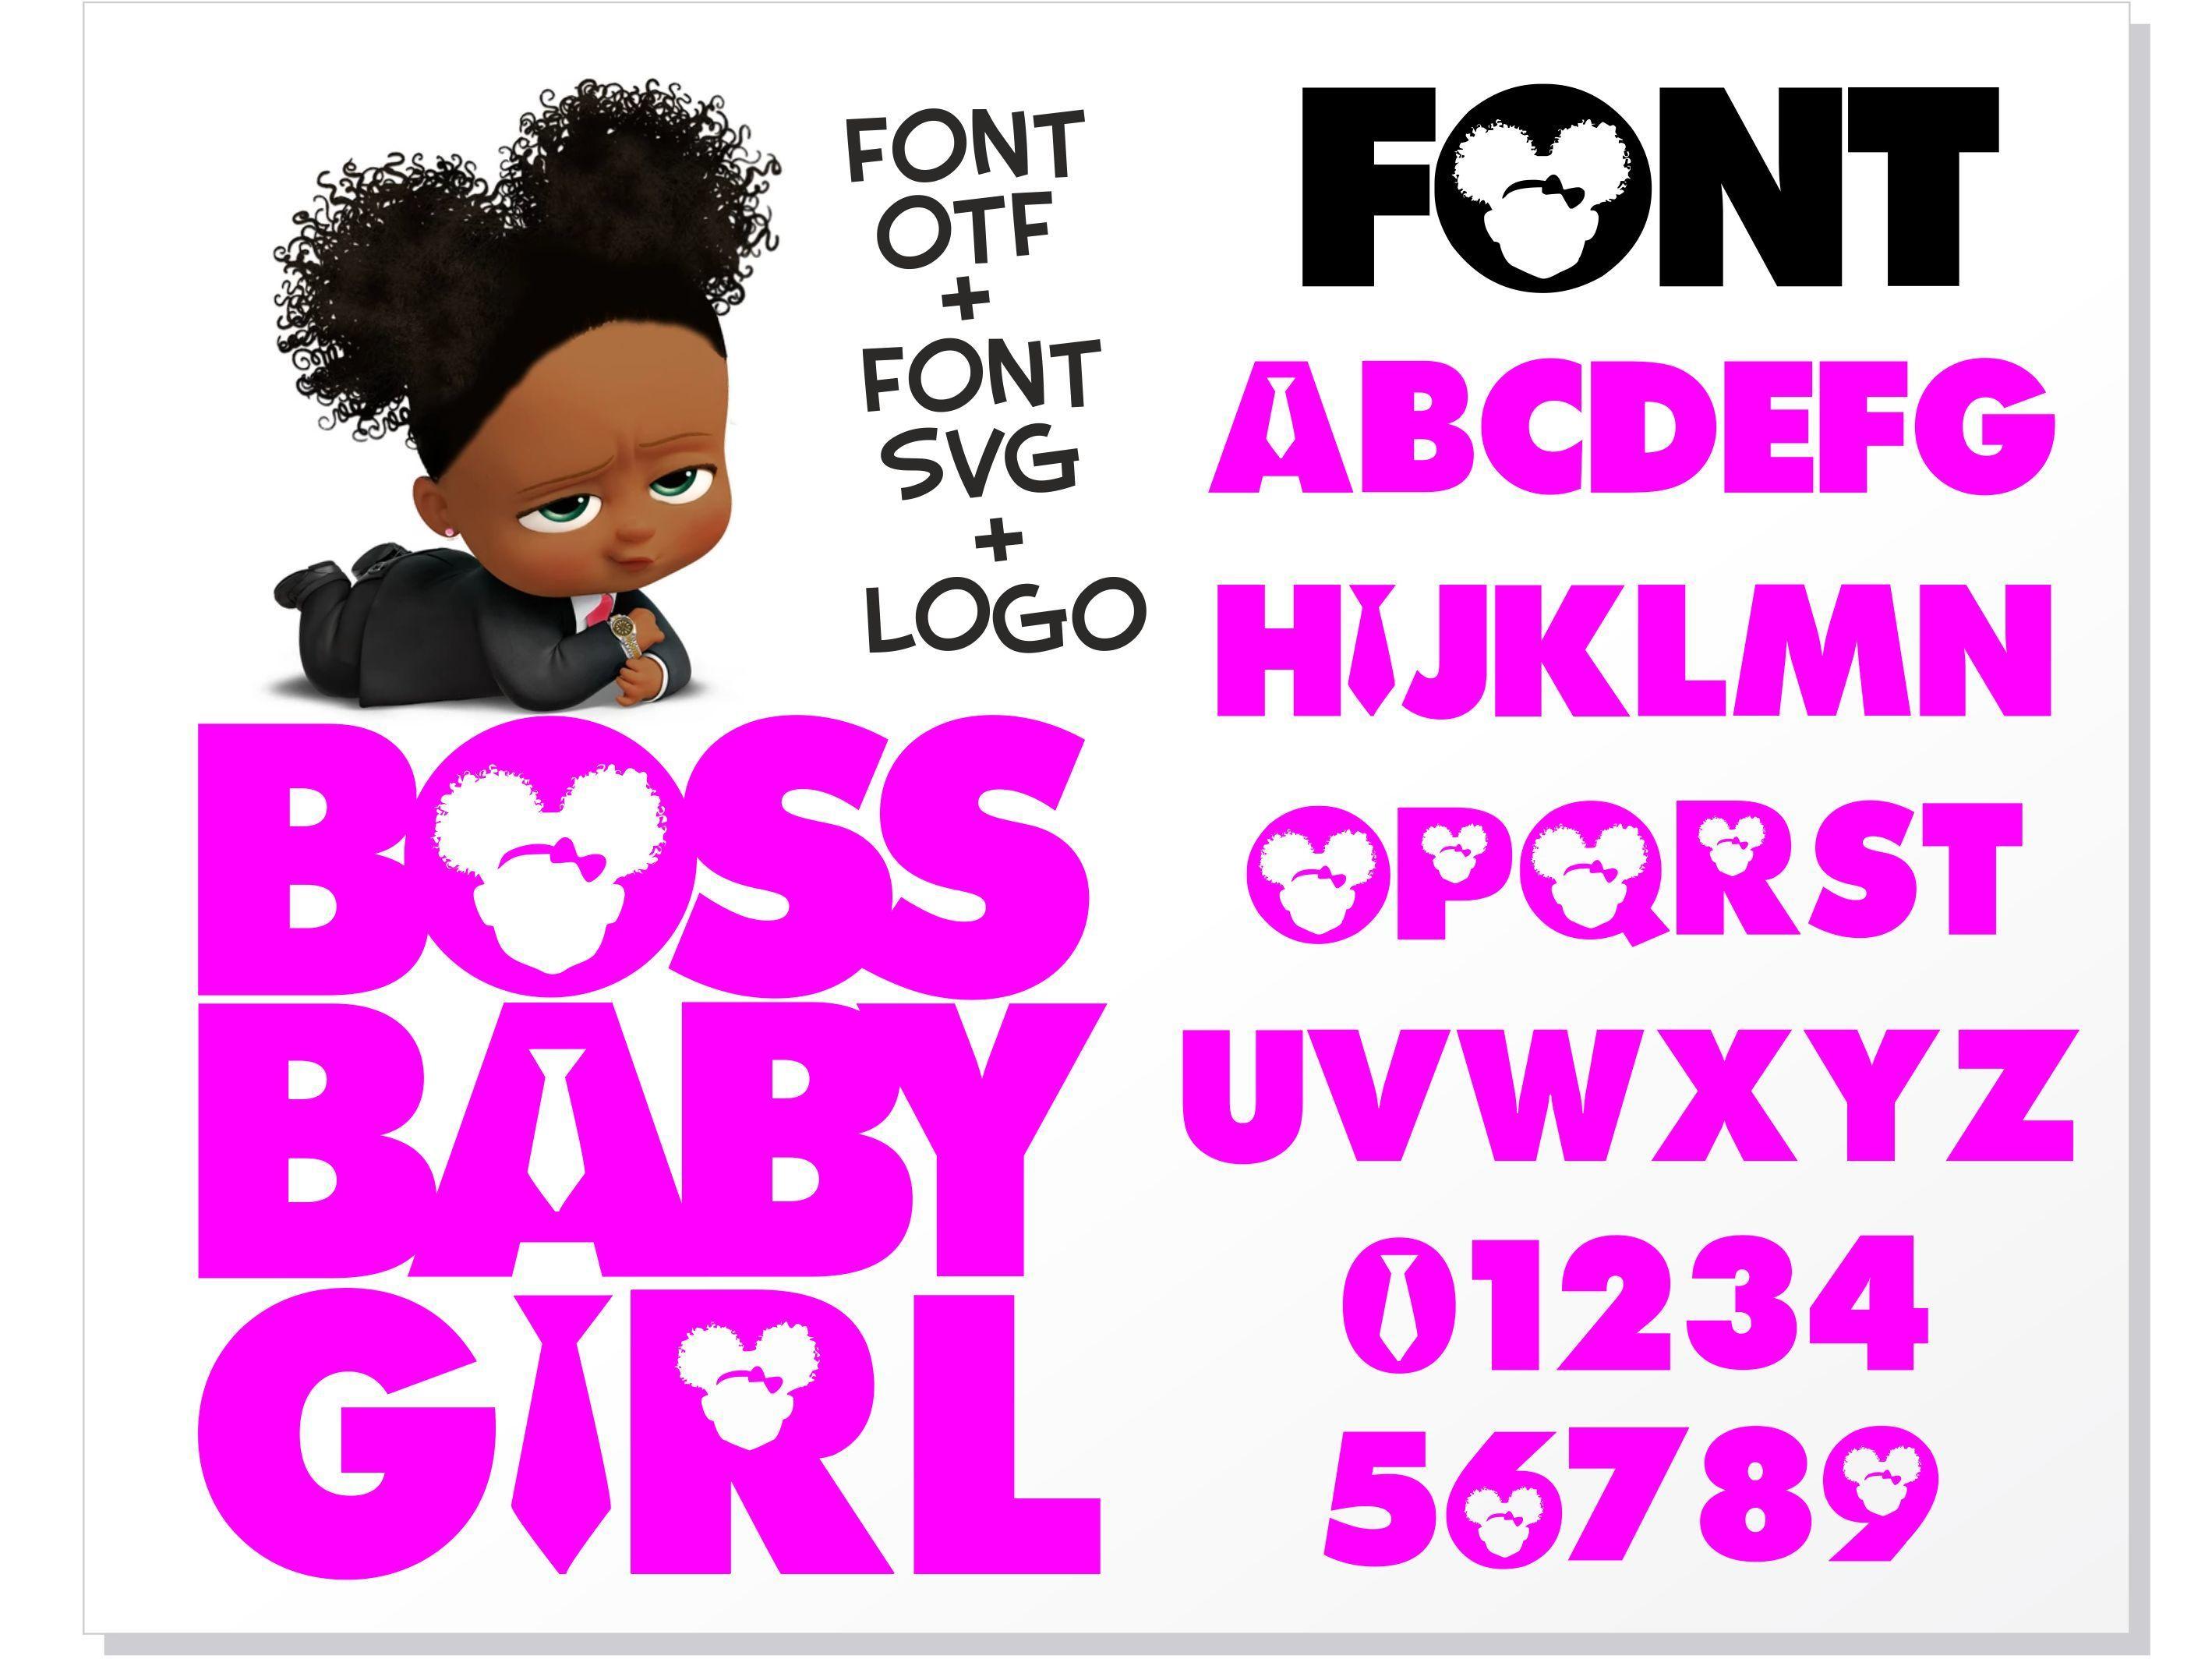 Boss Baby Girl Font Installable Font Otf Boss Baby Girl Font Svg Boss Baby Girl Logo Svg Png African American Boss Baby Girl Bundle In 2021 Boss Baby